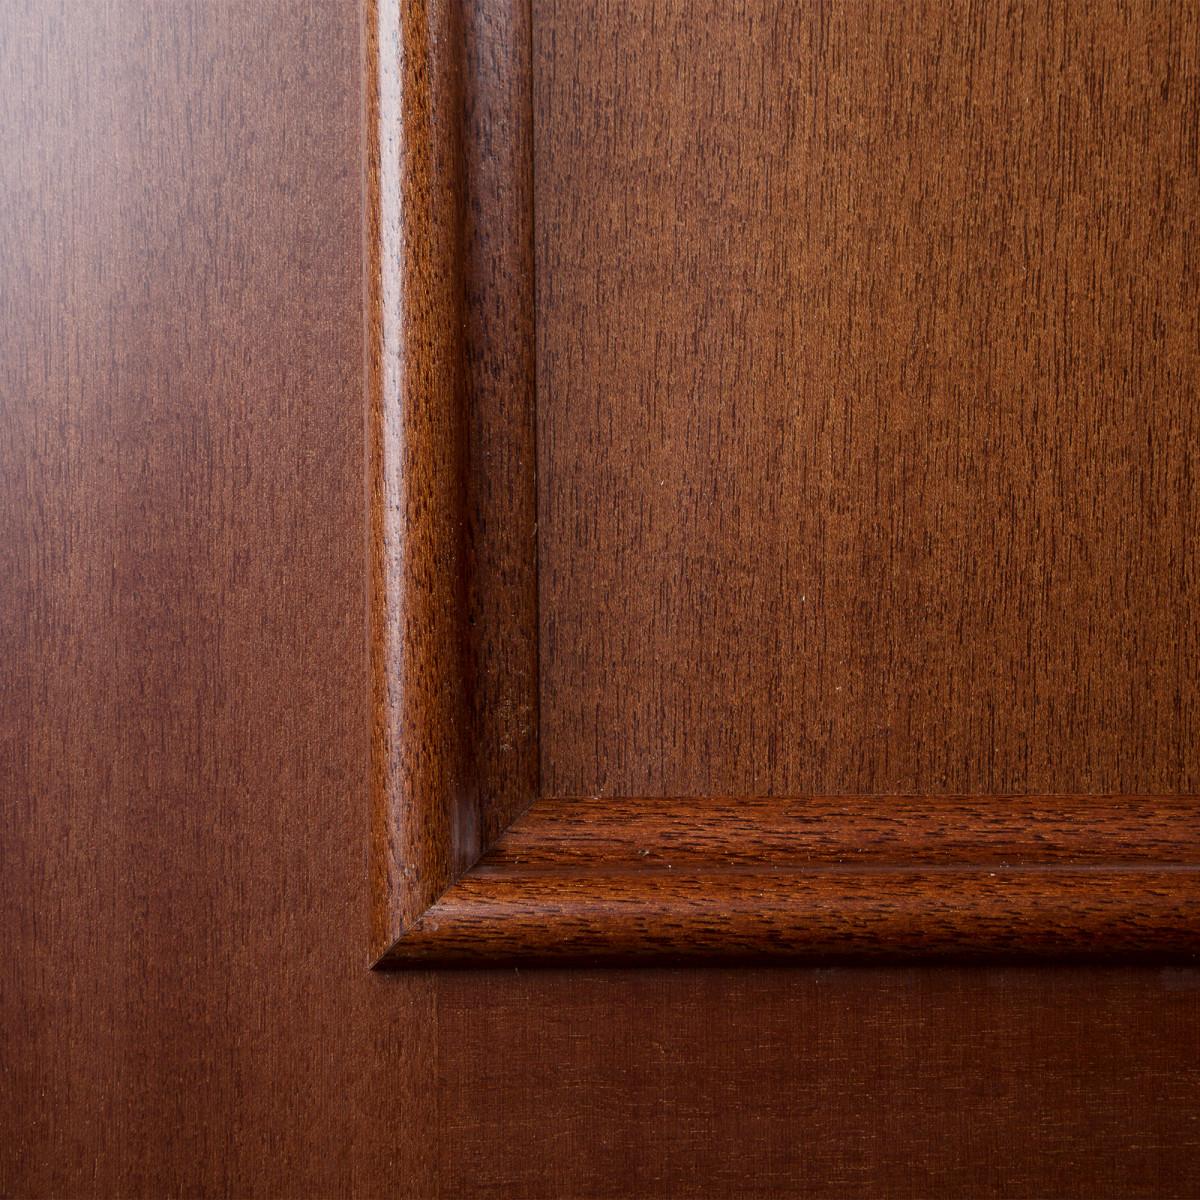 Дверь Межкомнатная Глухая Шпонированное Этерно 70x200 Цвет Итальянский Орех